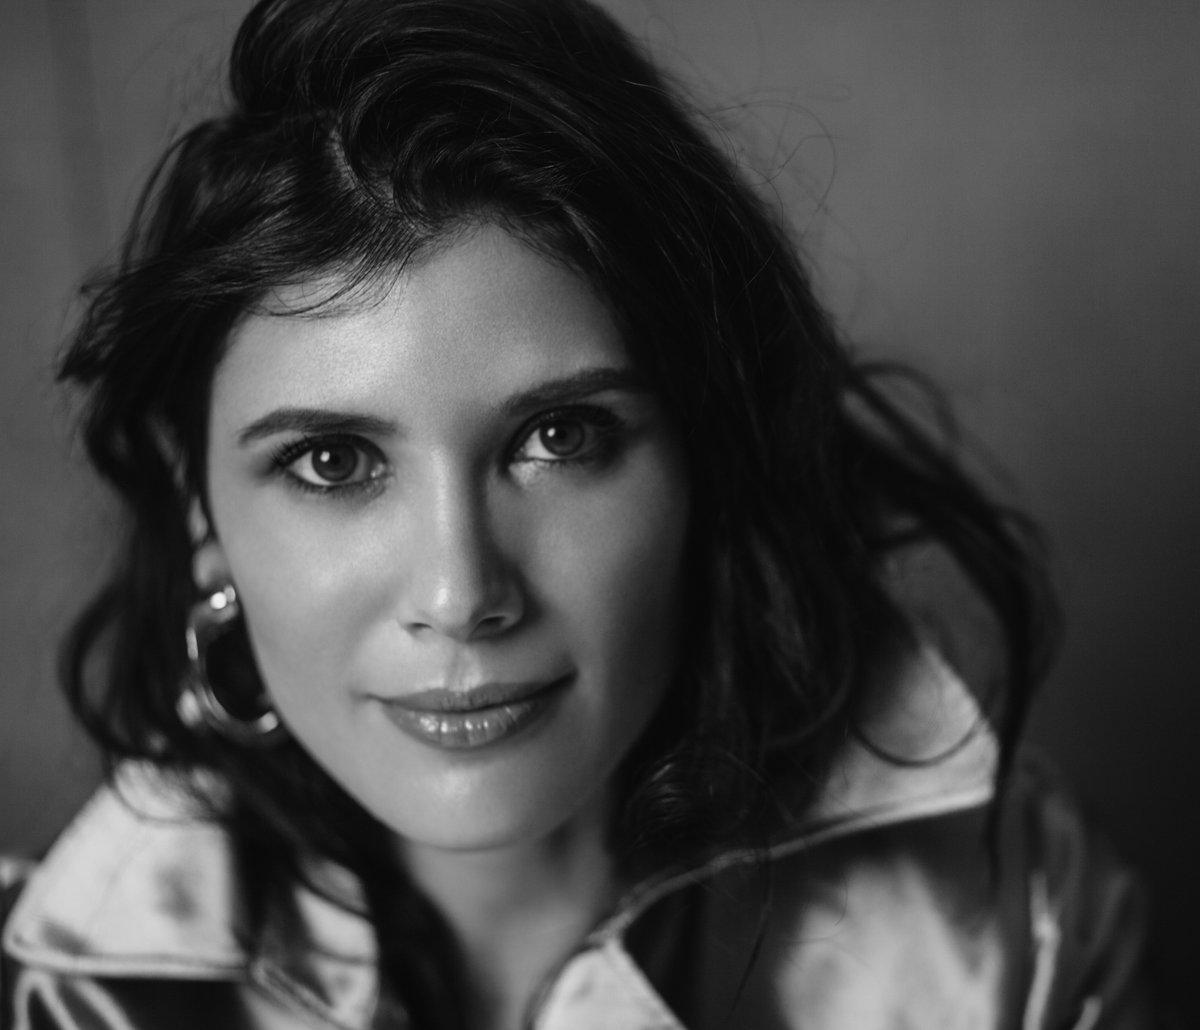 Cari Amici, condivido con voi l'intervista rilasciata a Opera Charm:  Ringrazio @BiancaLNica1 per questa bella chiacchierata ✏️🌺(L'intevista completa da pag. 24 a 29) #interview #ilovemyjob #grateful #powerofmusic #opera #joyofsinging #mezzosoprano